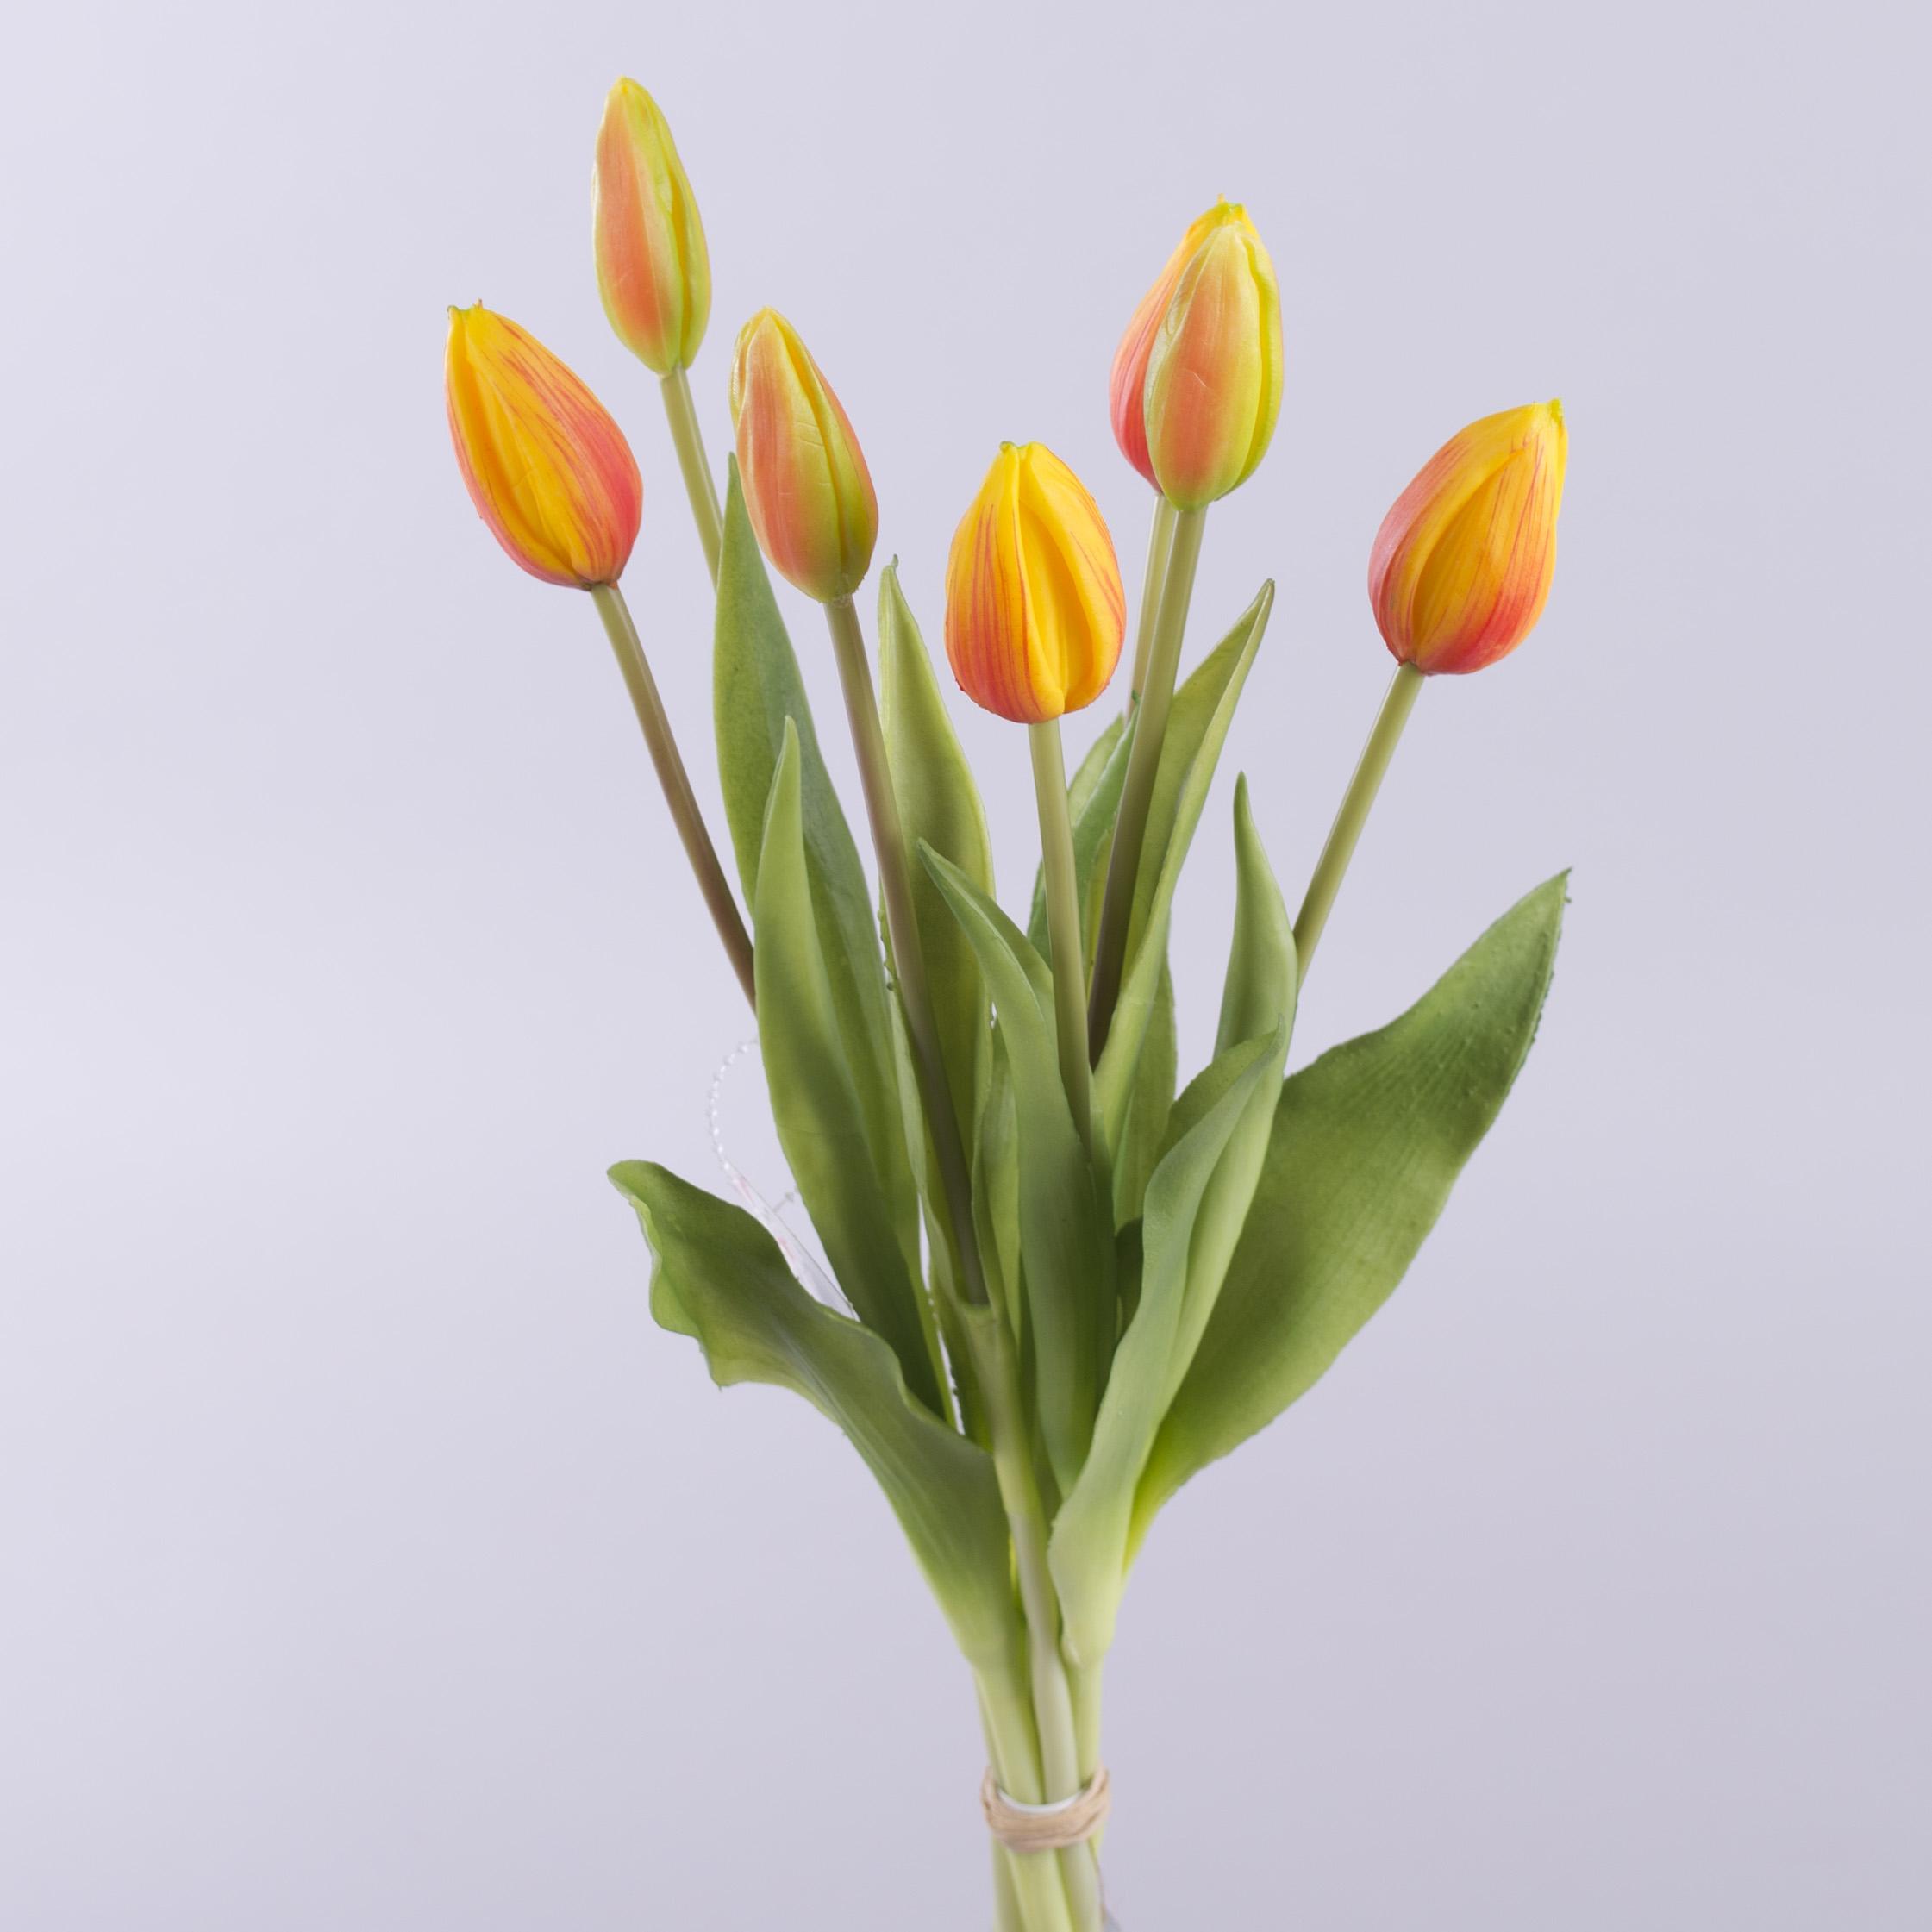 букет тюльпанов латекс на 7 бутонов (желто-оранжевый)